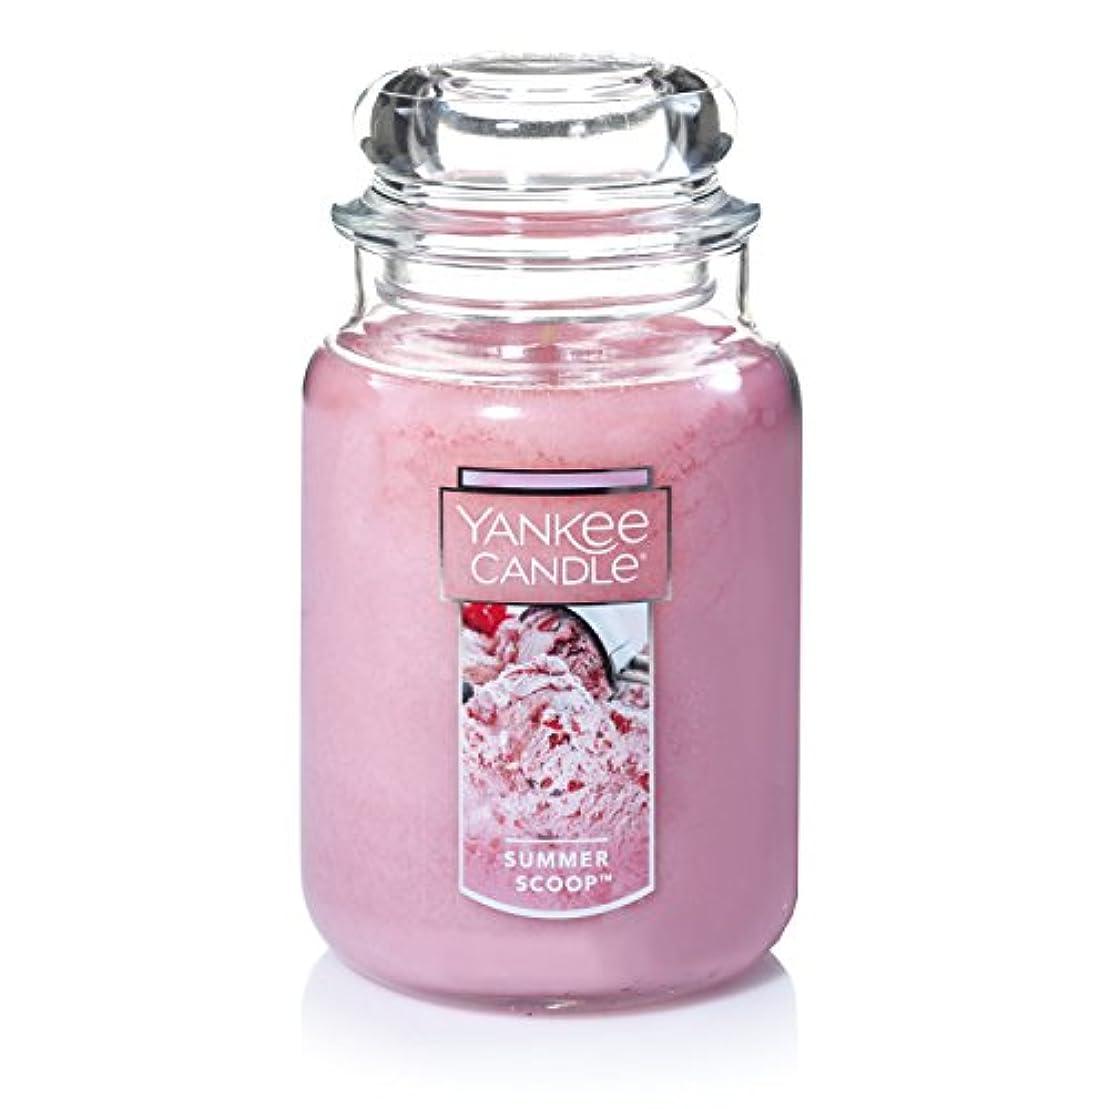 ガソリン覆す貴重なYankee Candle夏スクープ、フルーツ香り Large Jar Candle 1257046